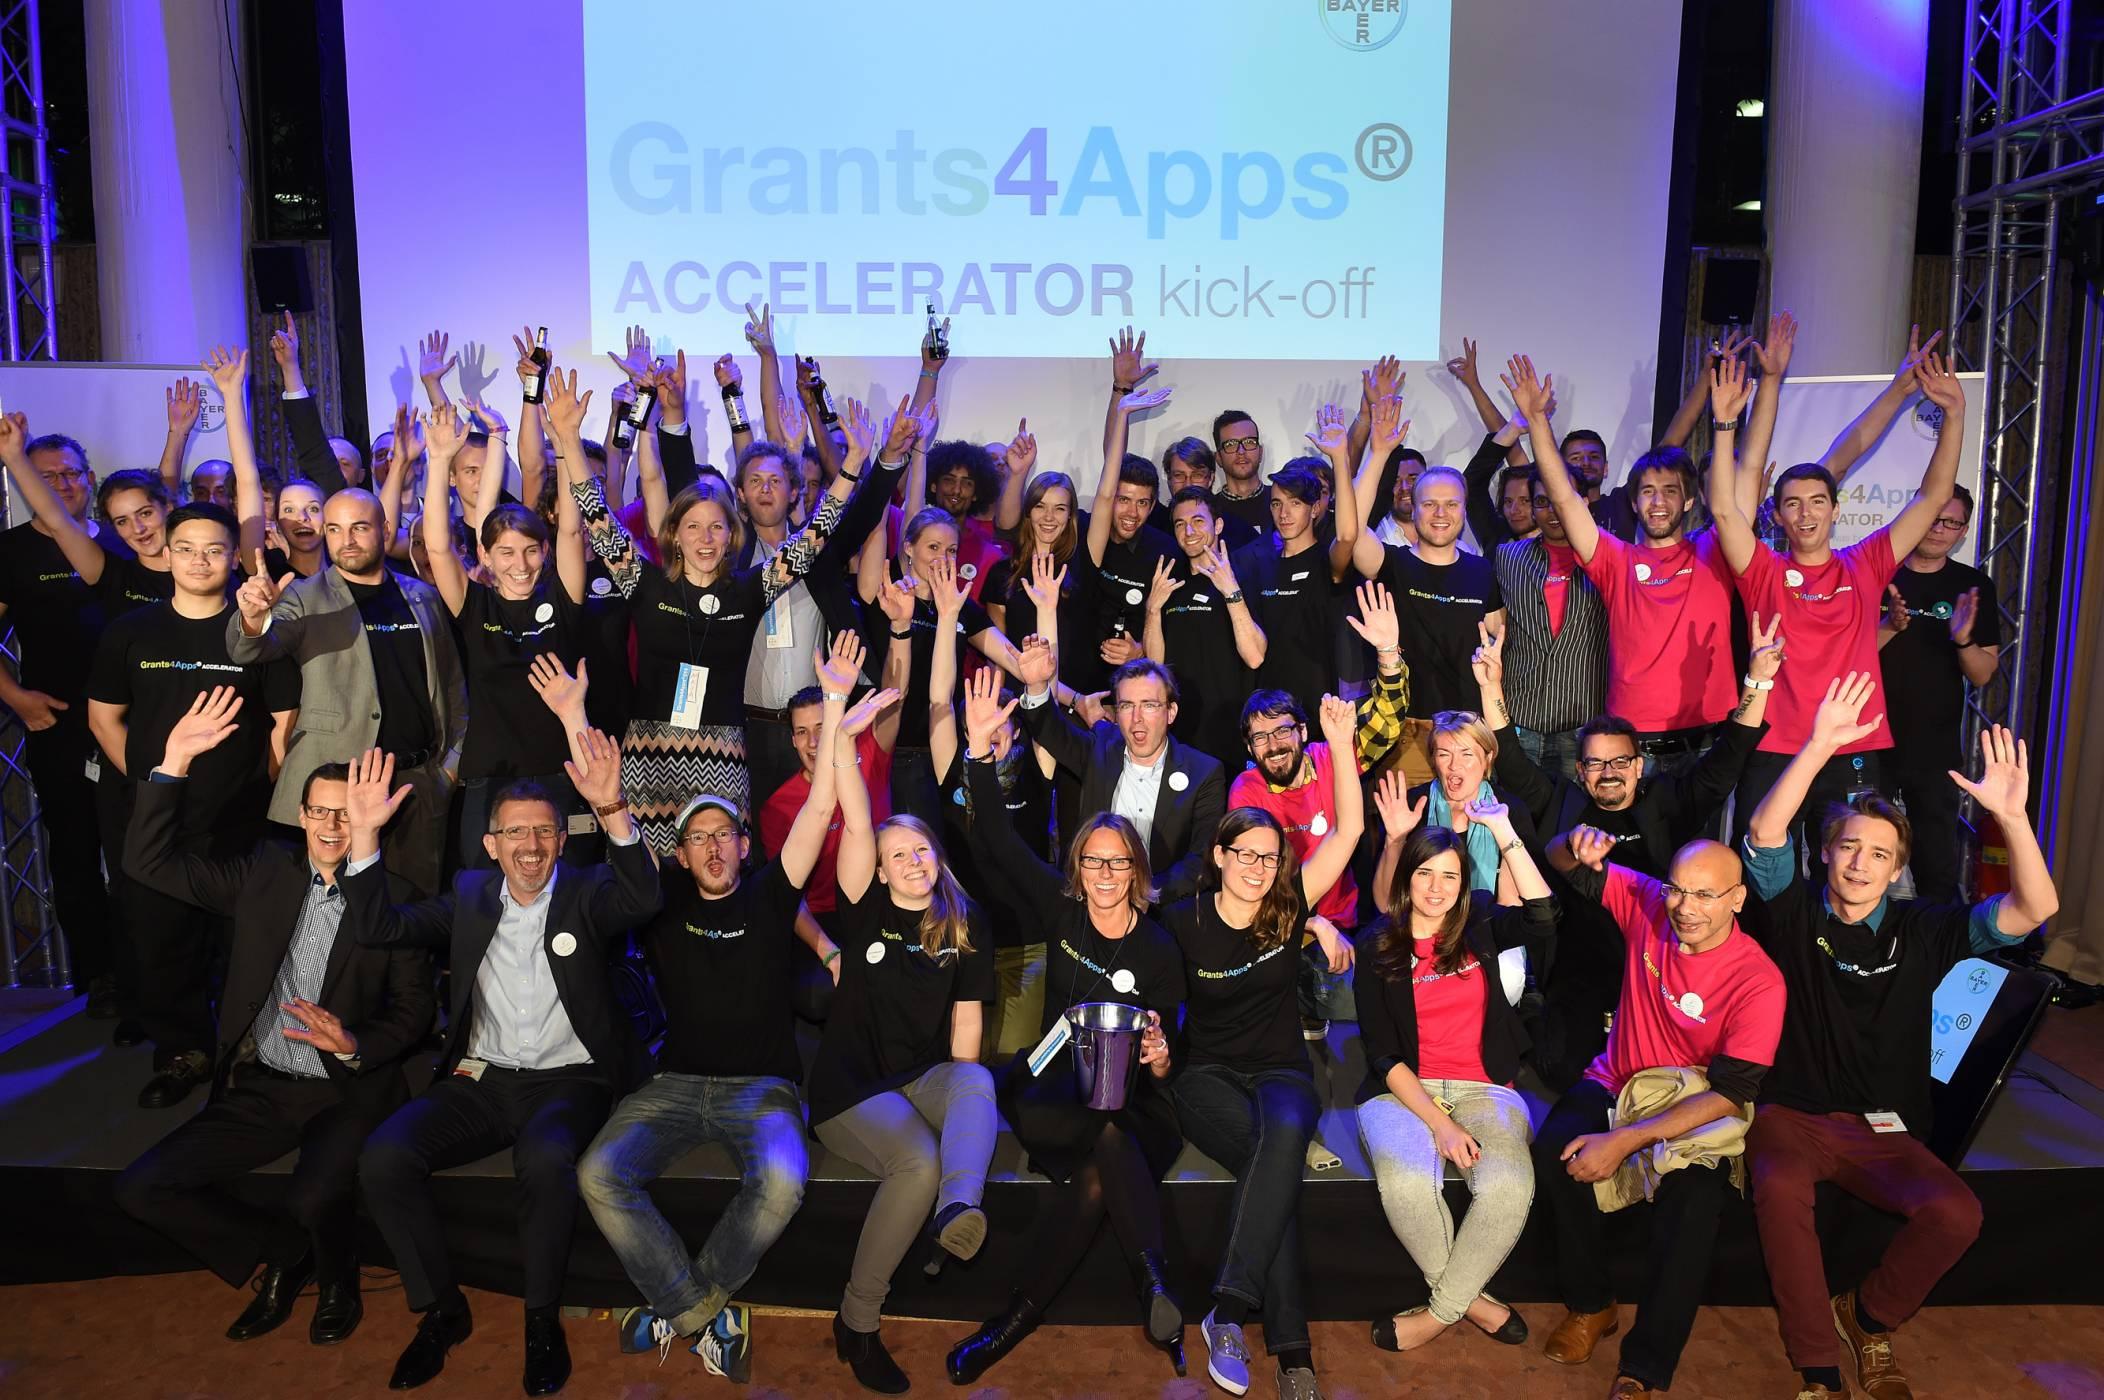 Технологични стартъпи могат да кандидатстват за програмите на Grants4Apps